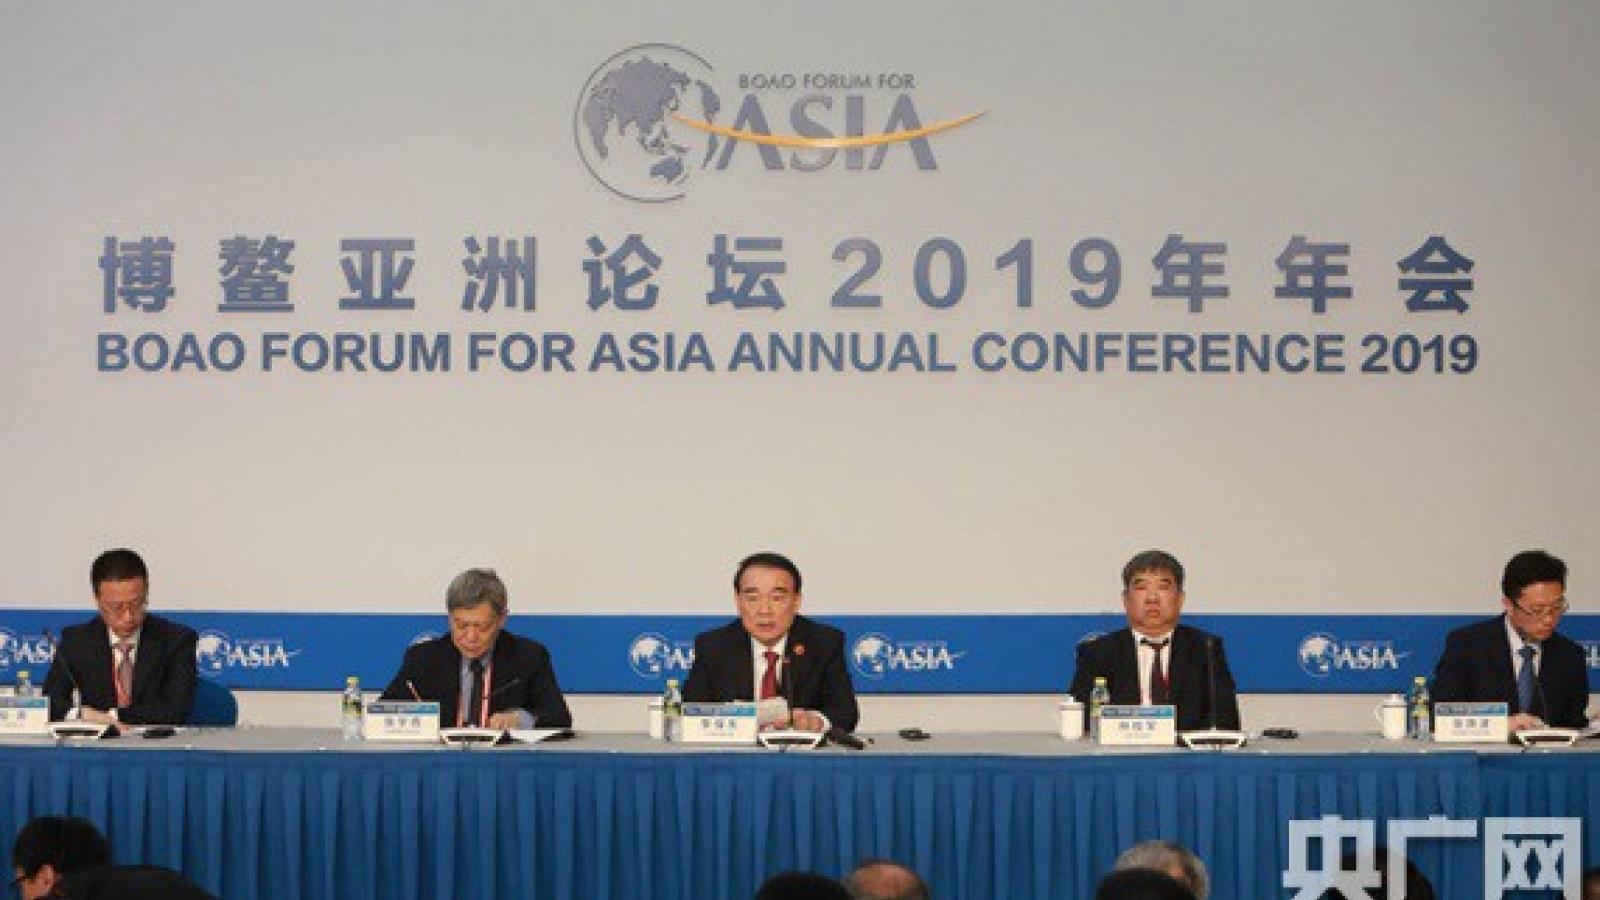 Trung Quốc chính thức hủy Diễn đàn châu Á Bác Ngao 2020 do Covid-19